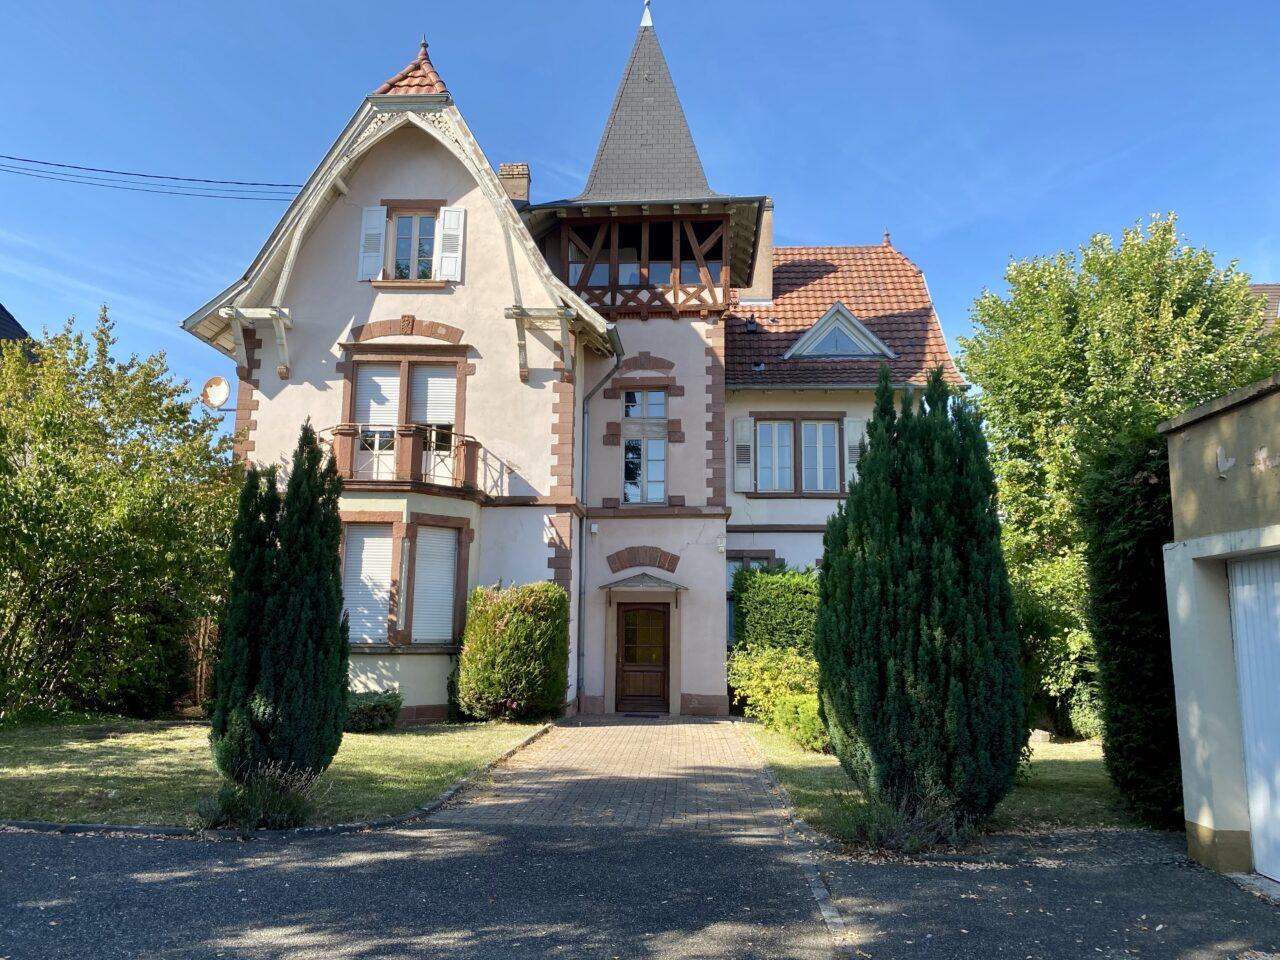 Haguenau, grand 4/5 pièces avec jardin, 2 garages, proche gare